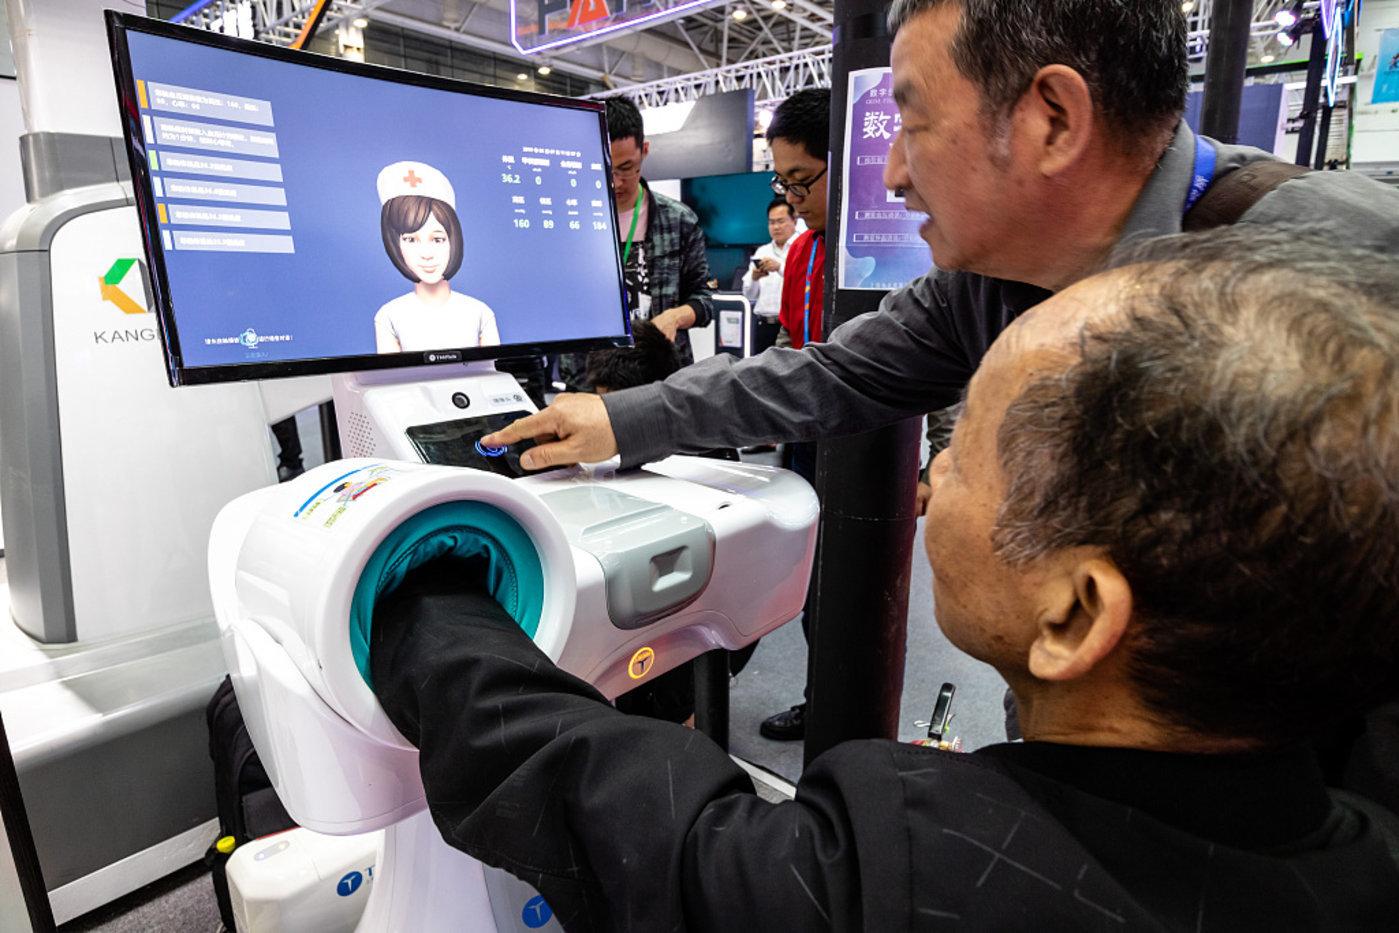 2019年5月7日,福州,第二届数字中国峰会上老年人体验AI人工智能医疗设备,图/视觉中国